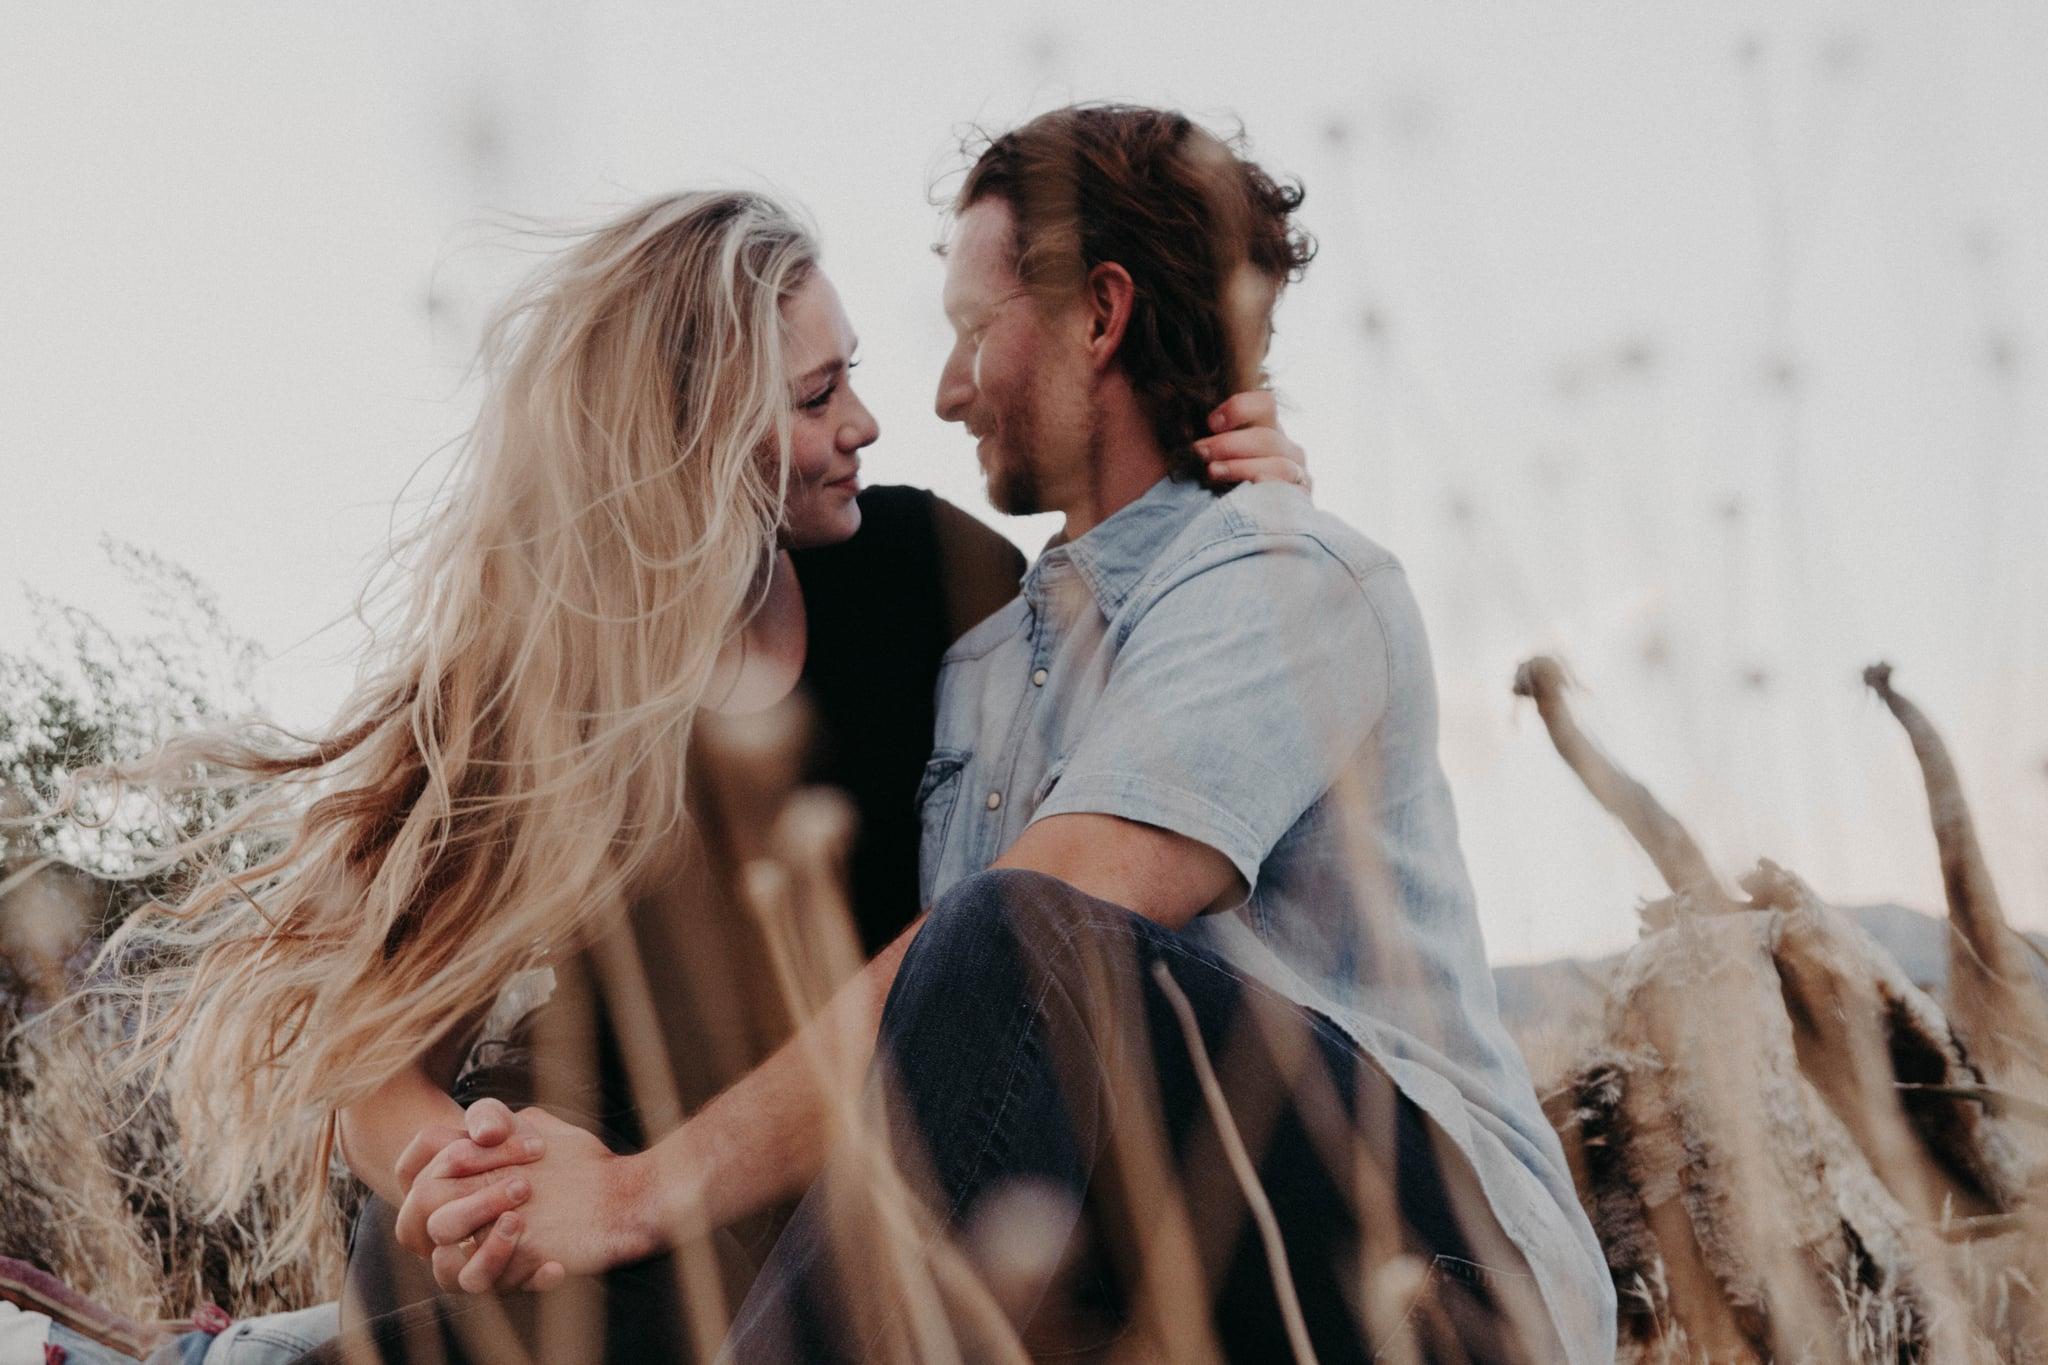 Ερωτικές σχέσεις: Τα κουμπιά για να ξεκινήσεις ένα ερωτικό παιχνίδι